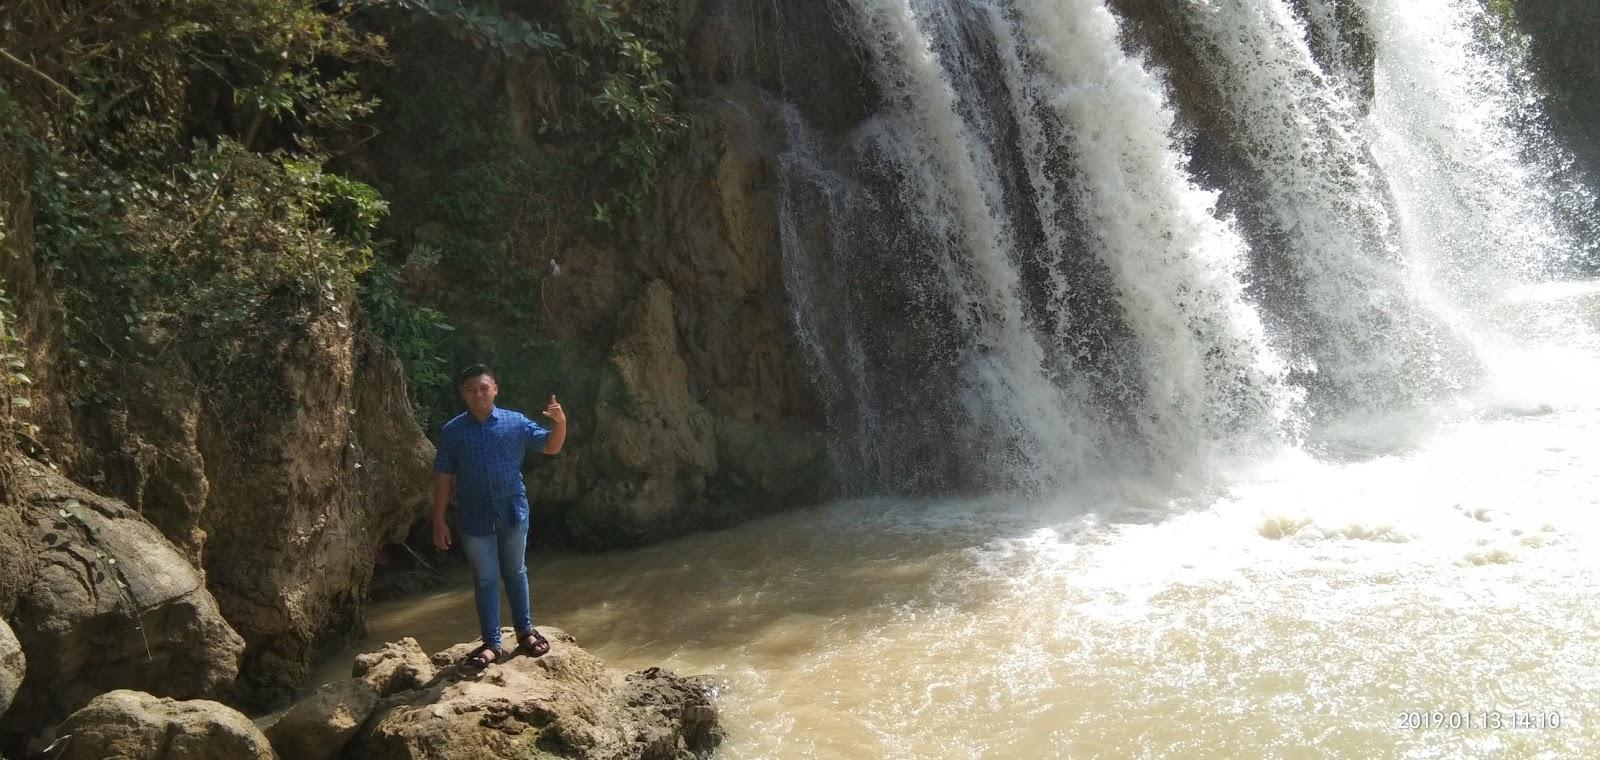 Tempat wisata di madura : WISATA AIR TERJUN TOROAN